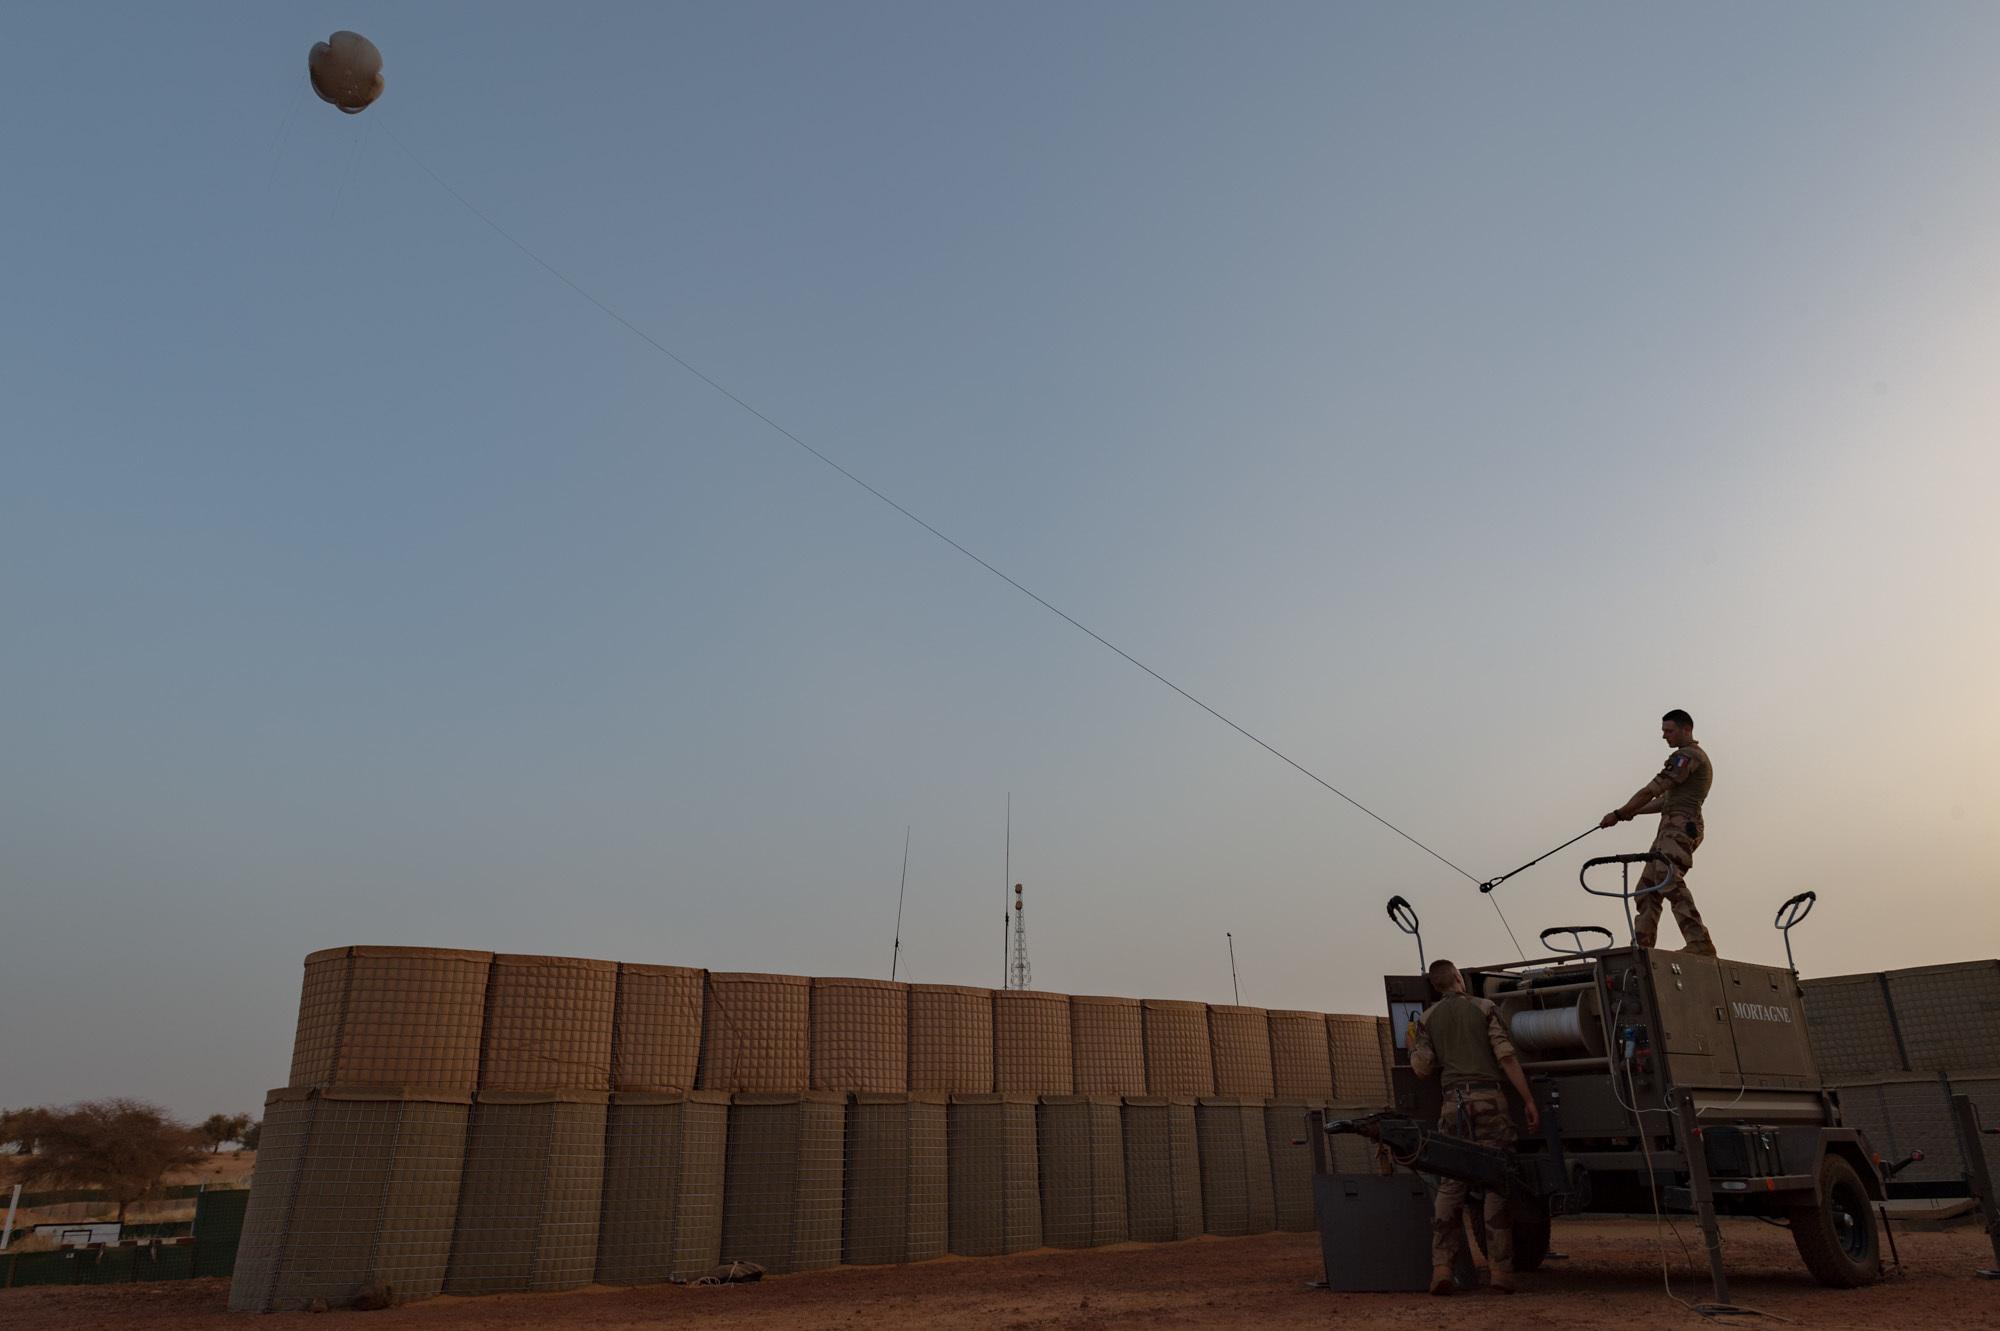 Intervention militaire au Mali - Opération Serval - Page 20 _11ejp12